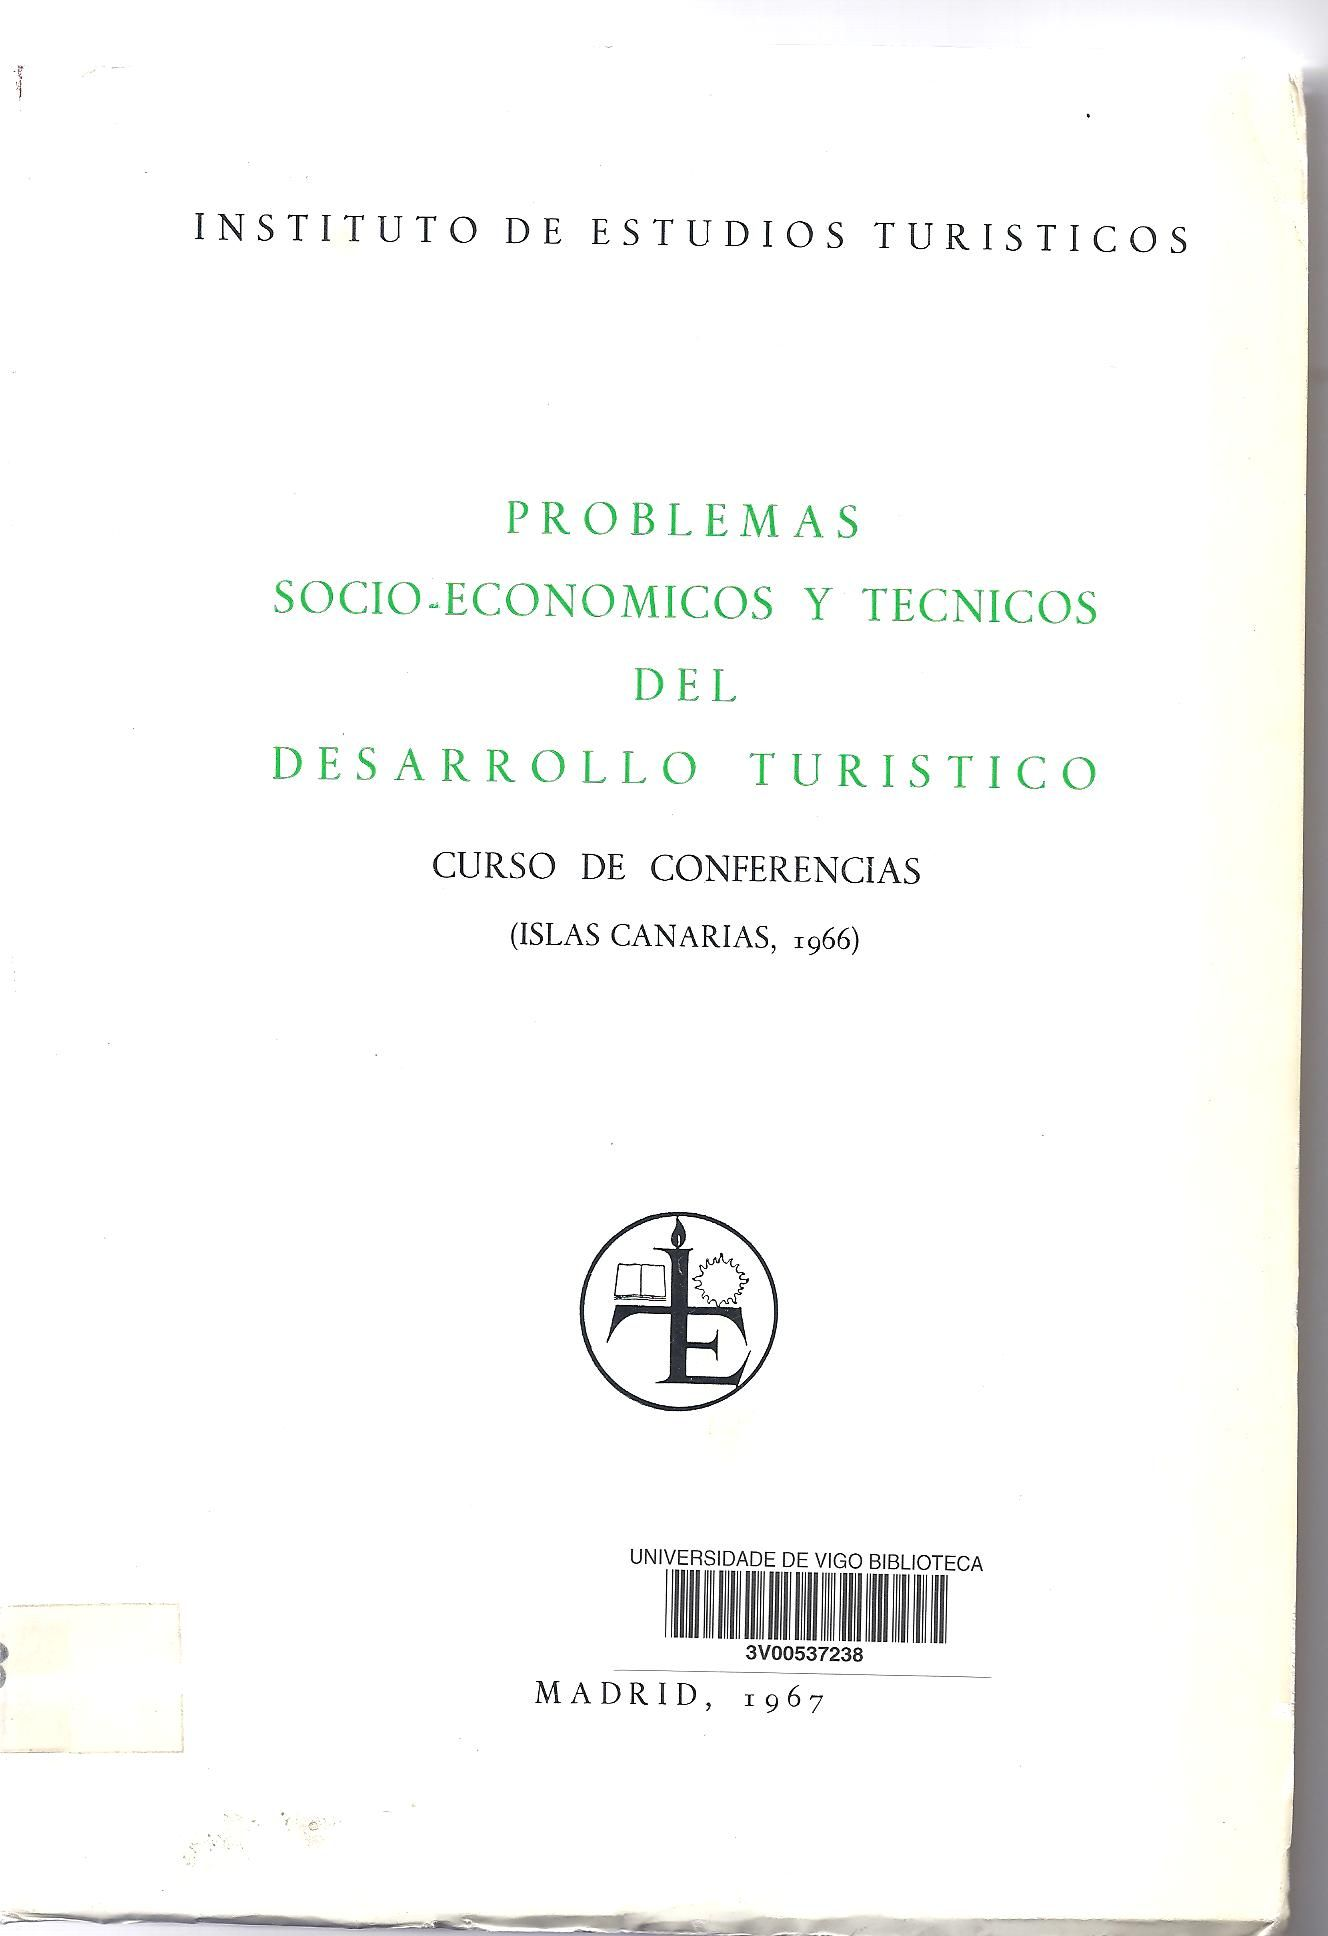 Problemas socio-económicos y técnicos del desarrollo turístico : (Islas Canarias, 1966)